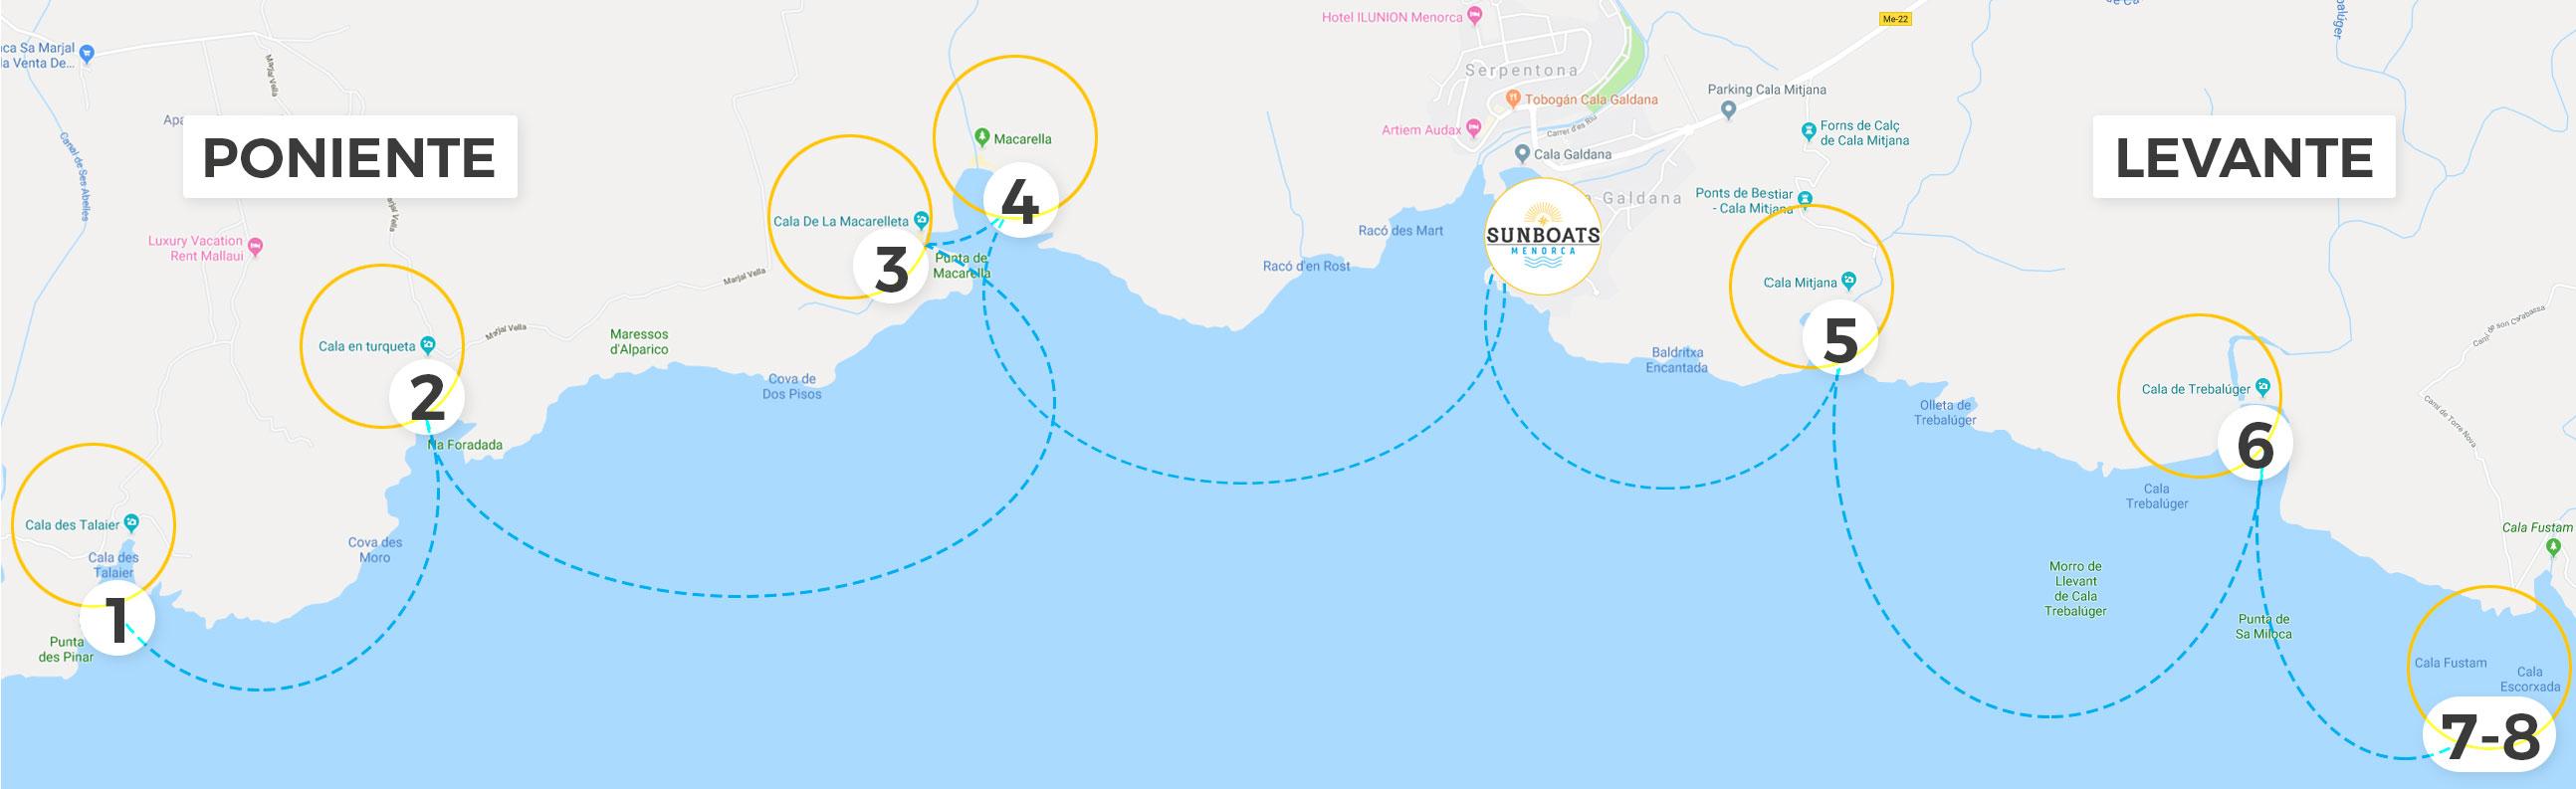 Mapa De Menorca Calas.Descubre Las Calas De Menorca Sunboats Menorca